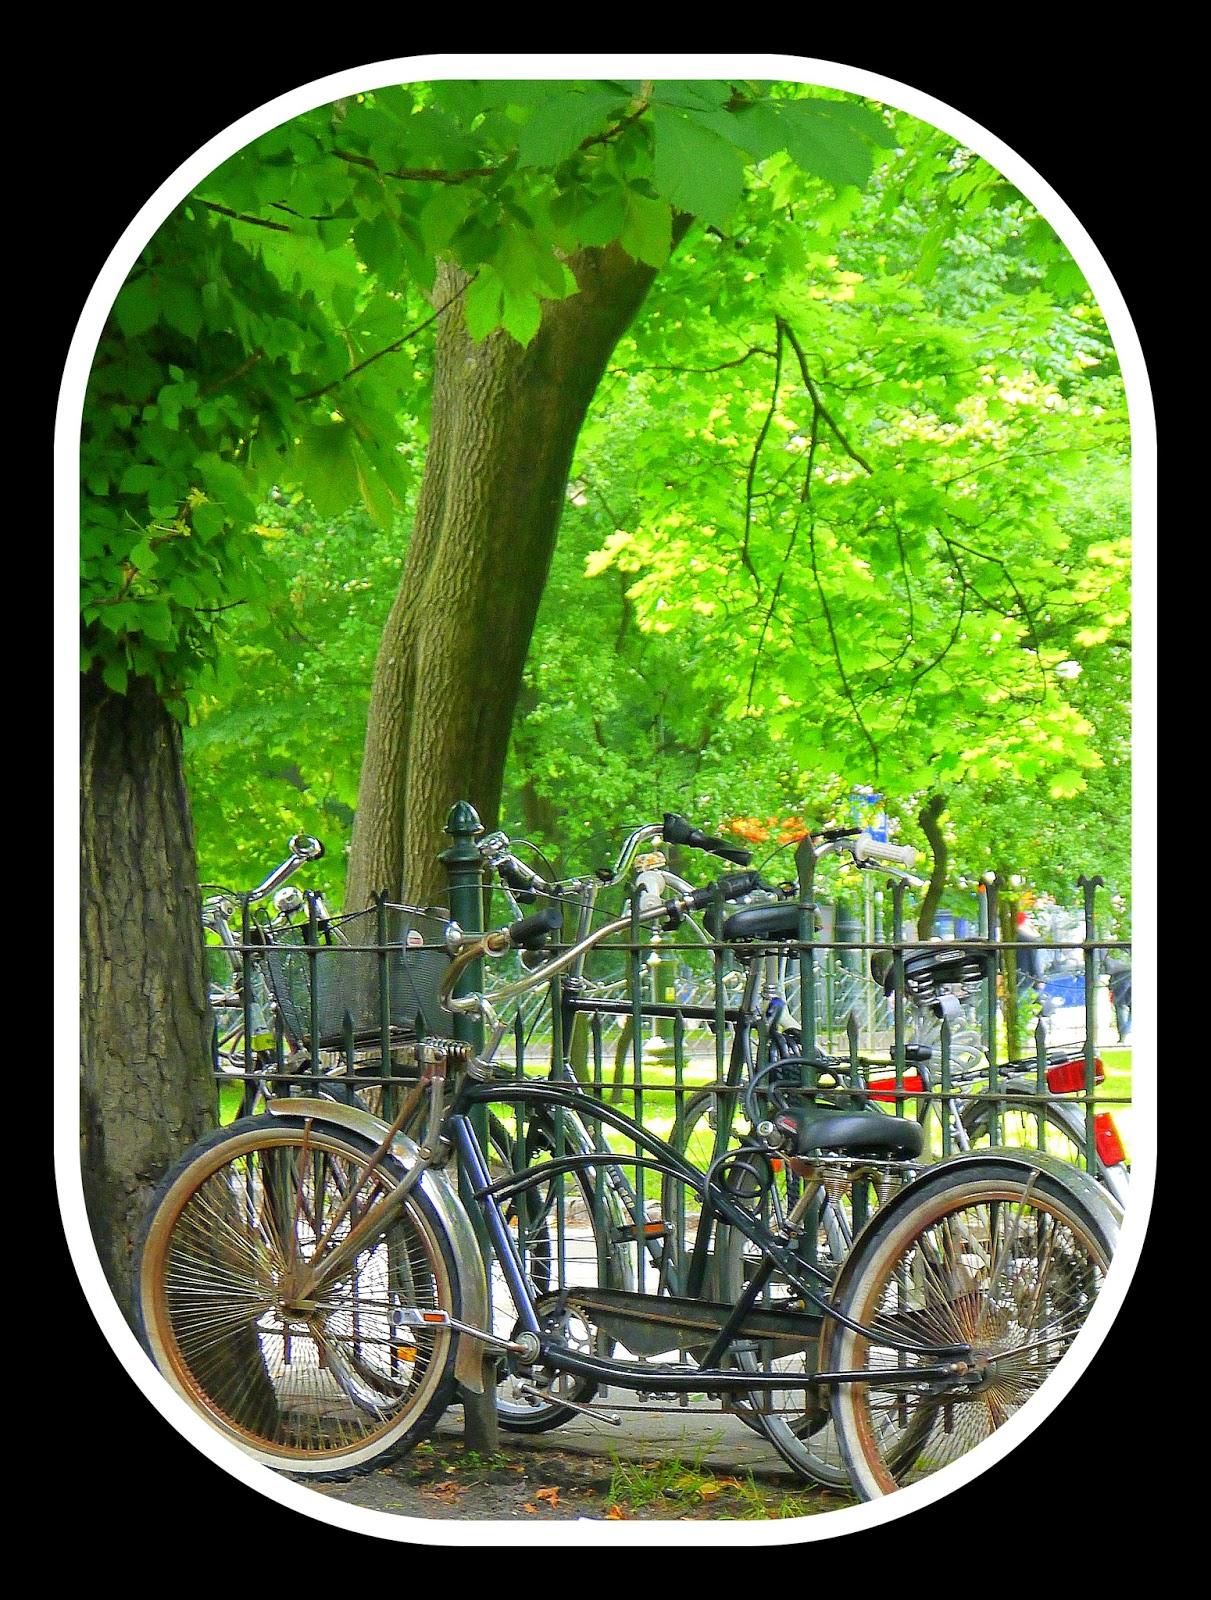 Cafe Bunkier, Drugie śniadanie, rower